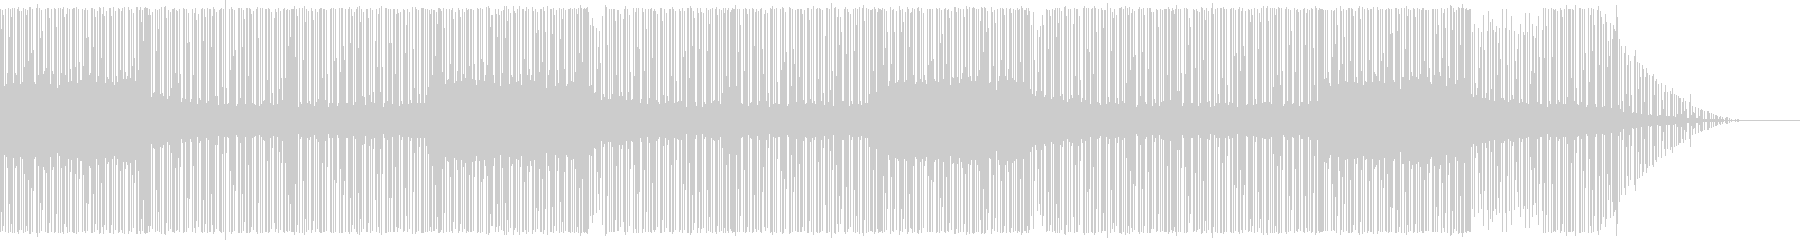 スペーシーなムードでインストゥルメ...の未再生の波形